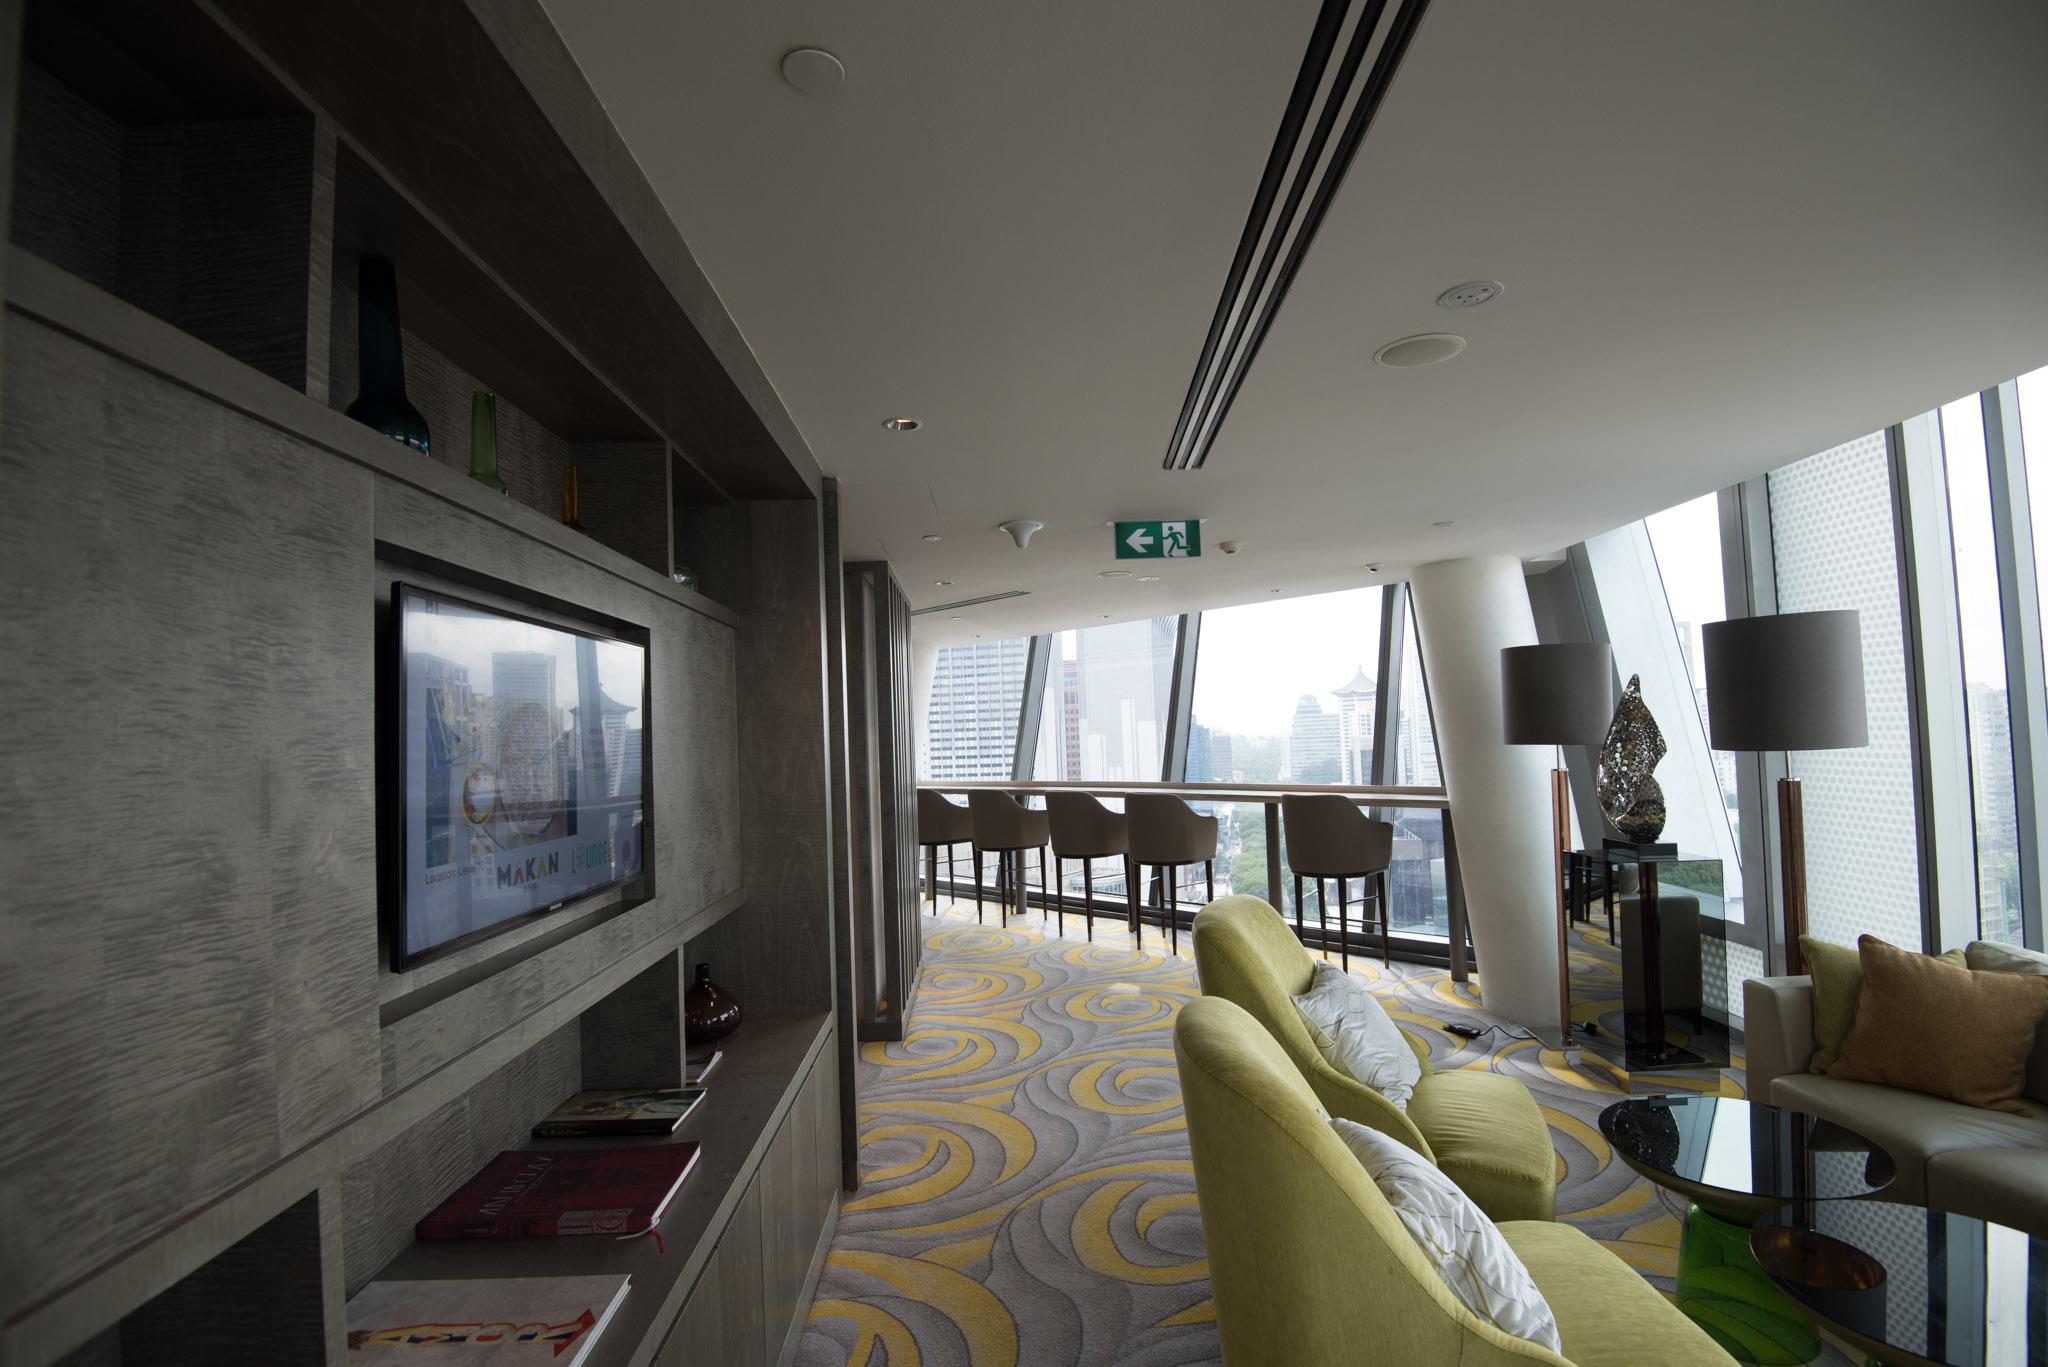 Club Lounge - Hotel Jen Orchardgateway Singapore